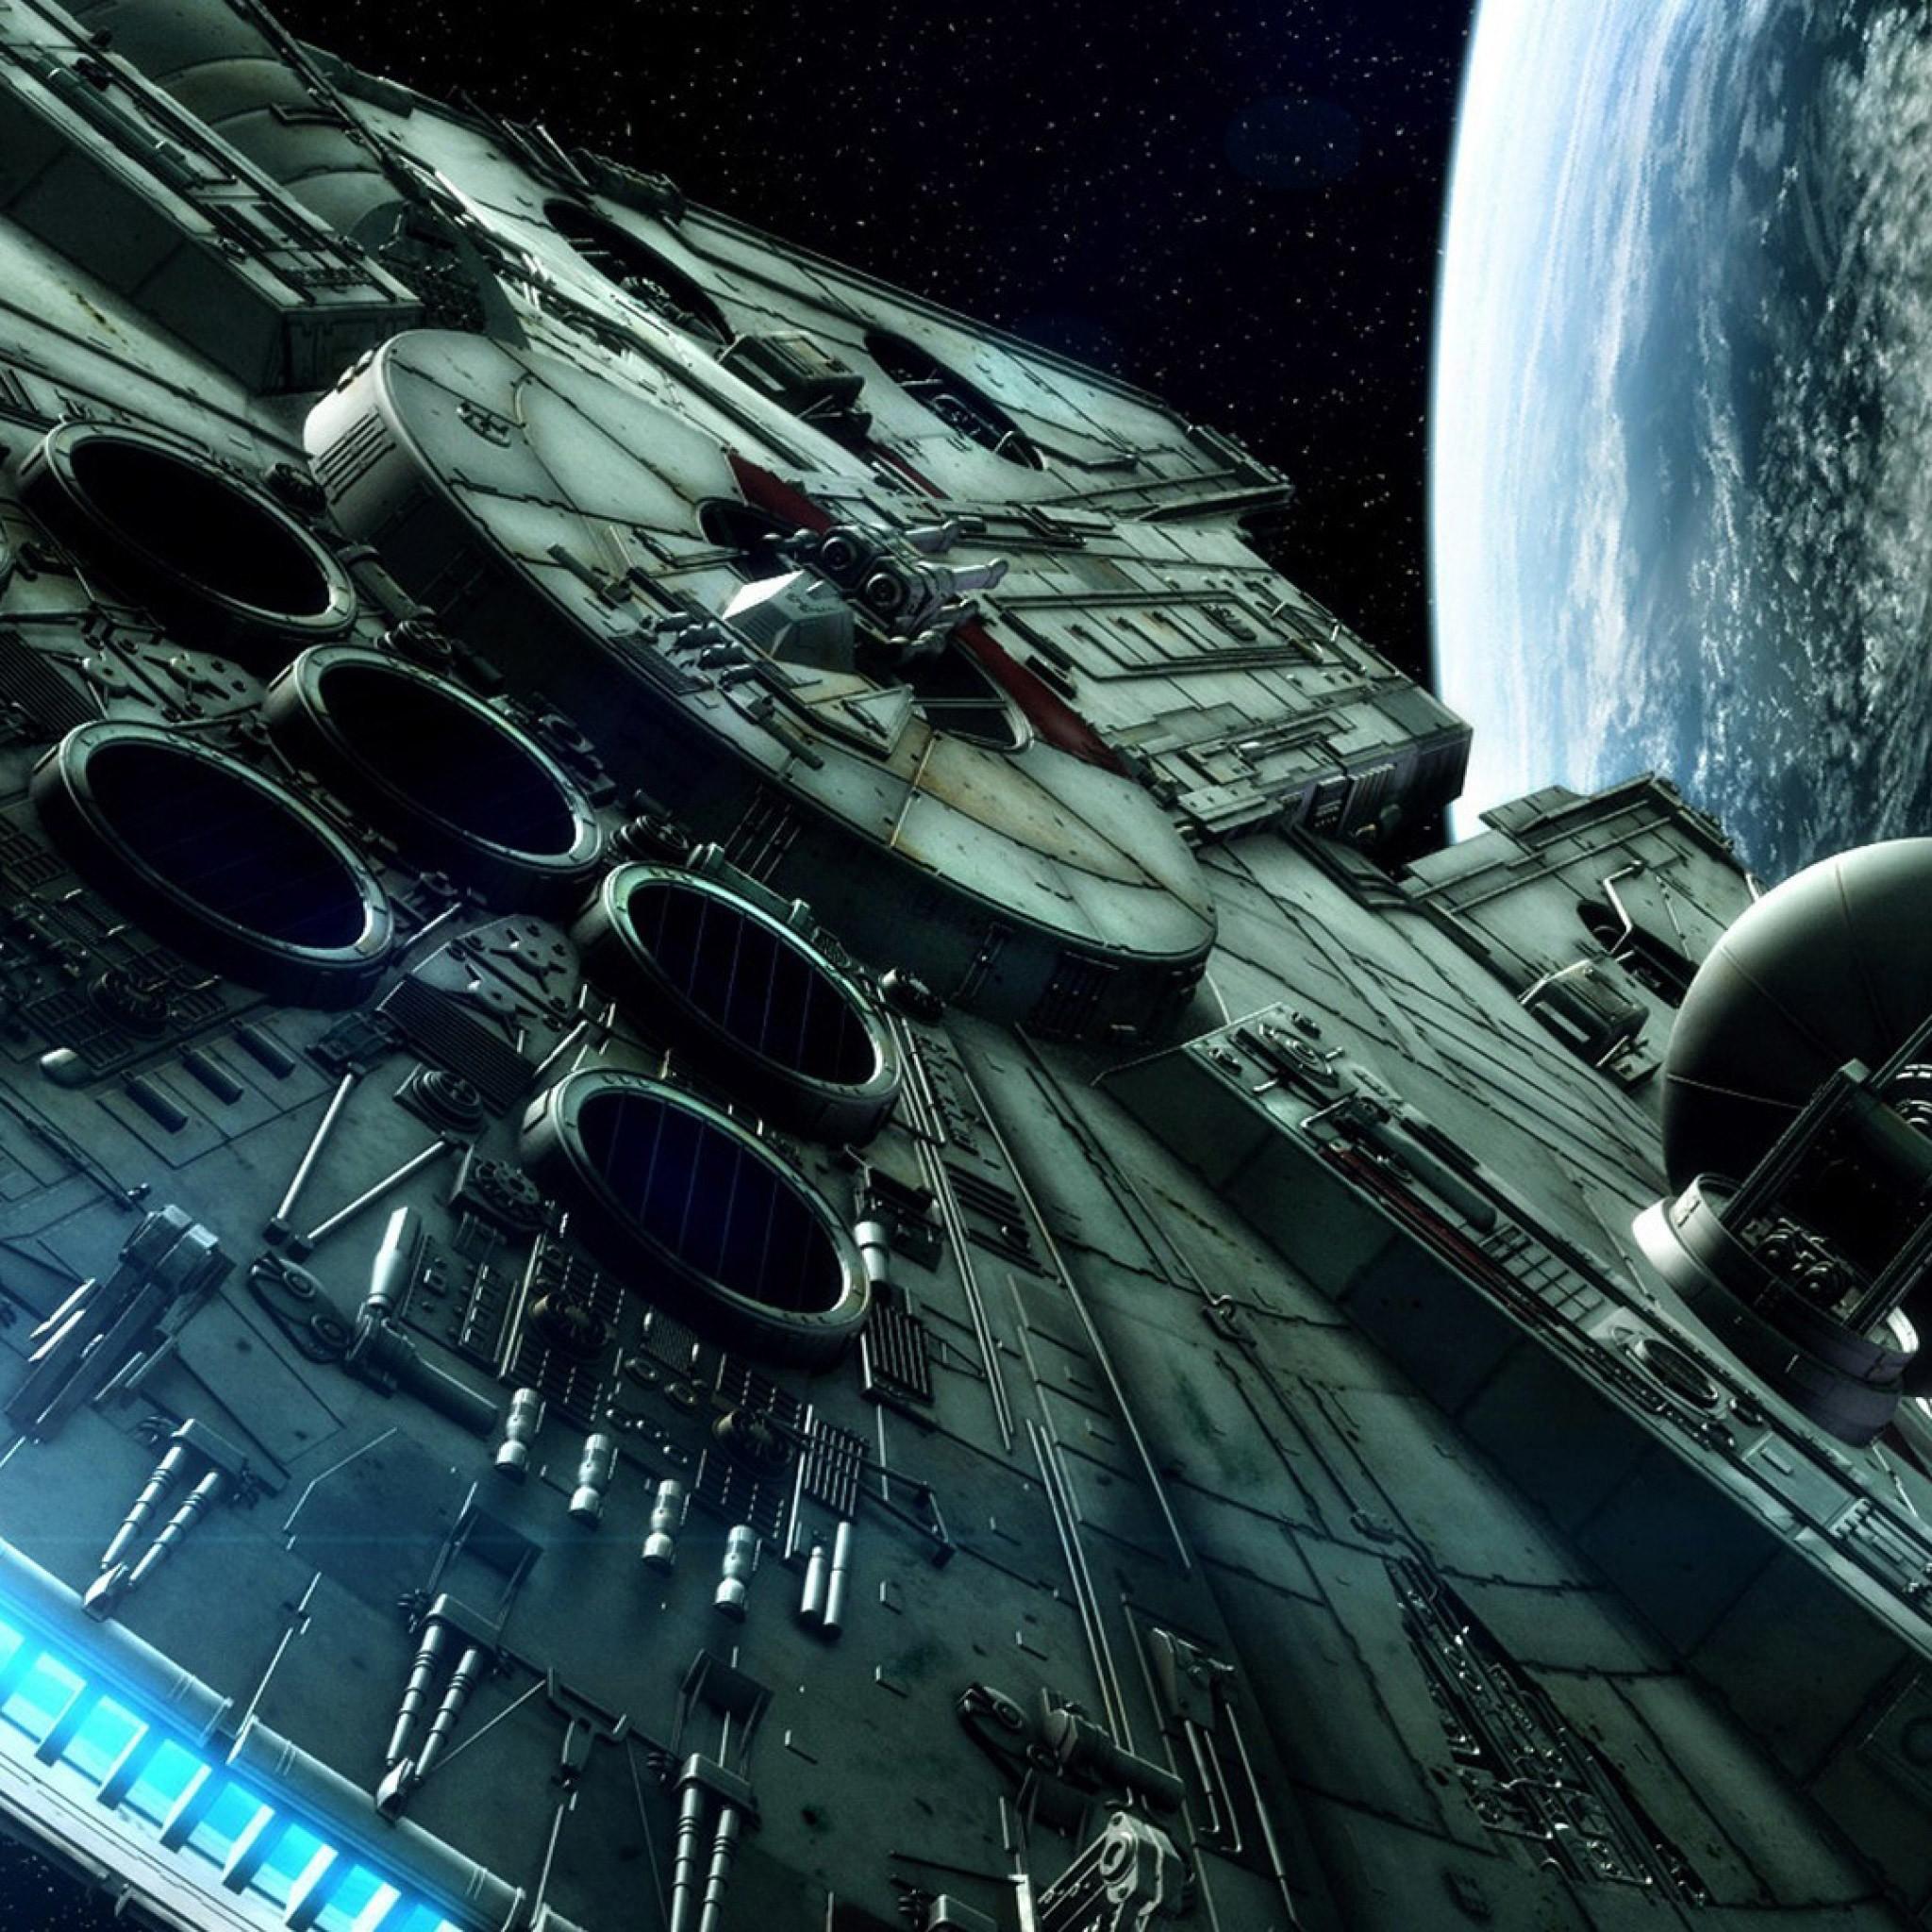 Retina Display Star Wars Ipad Wallpaper